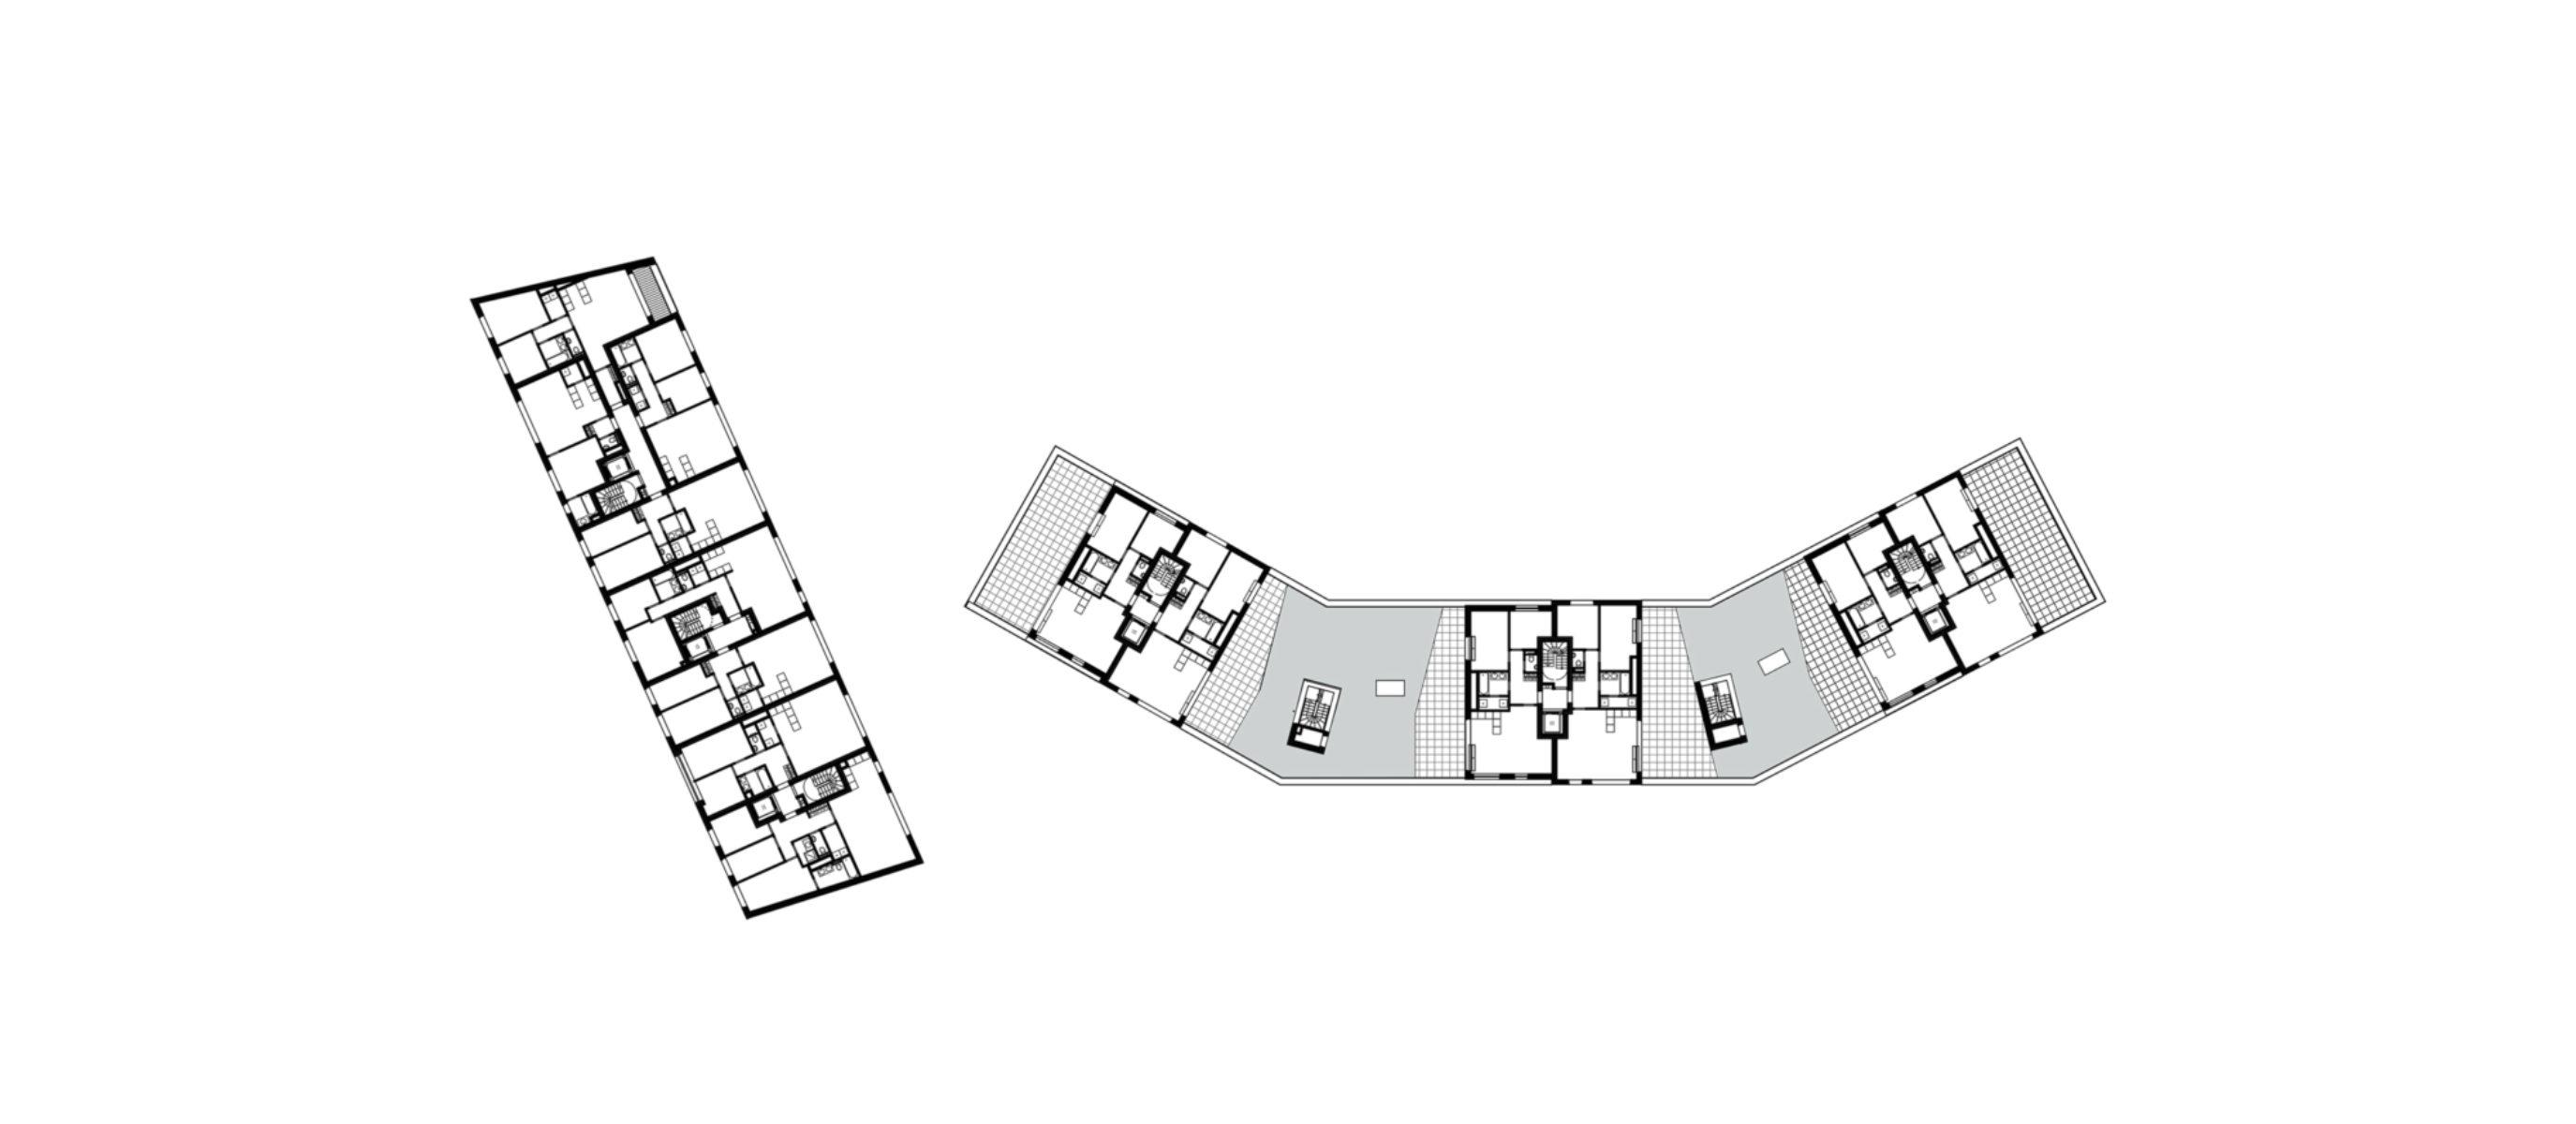 Standard floor